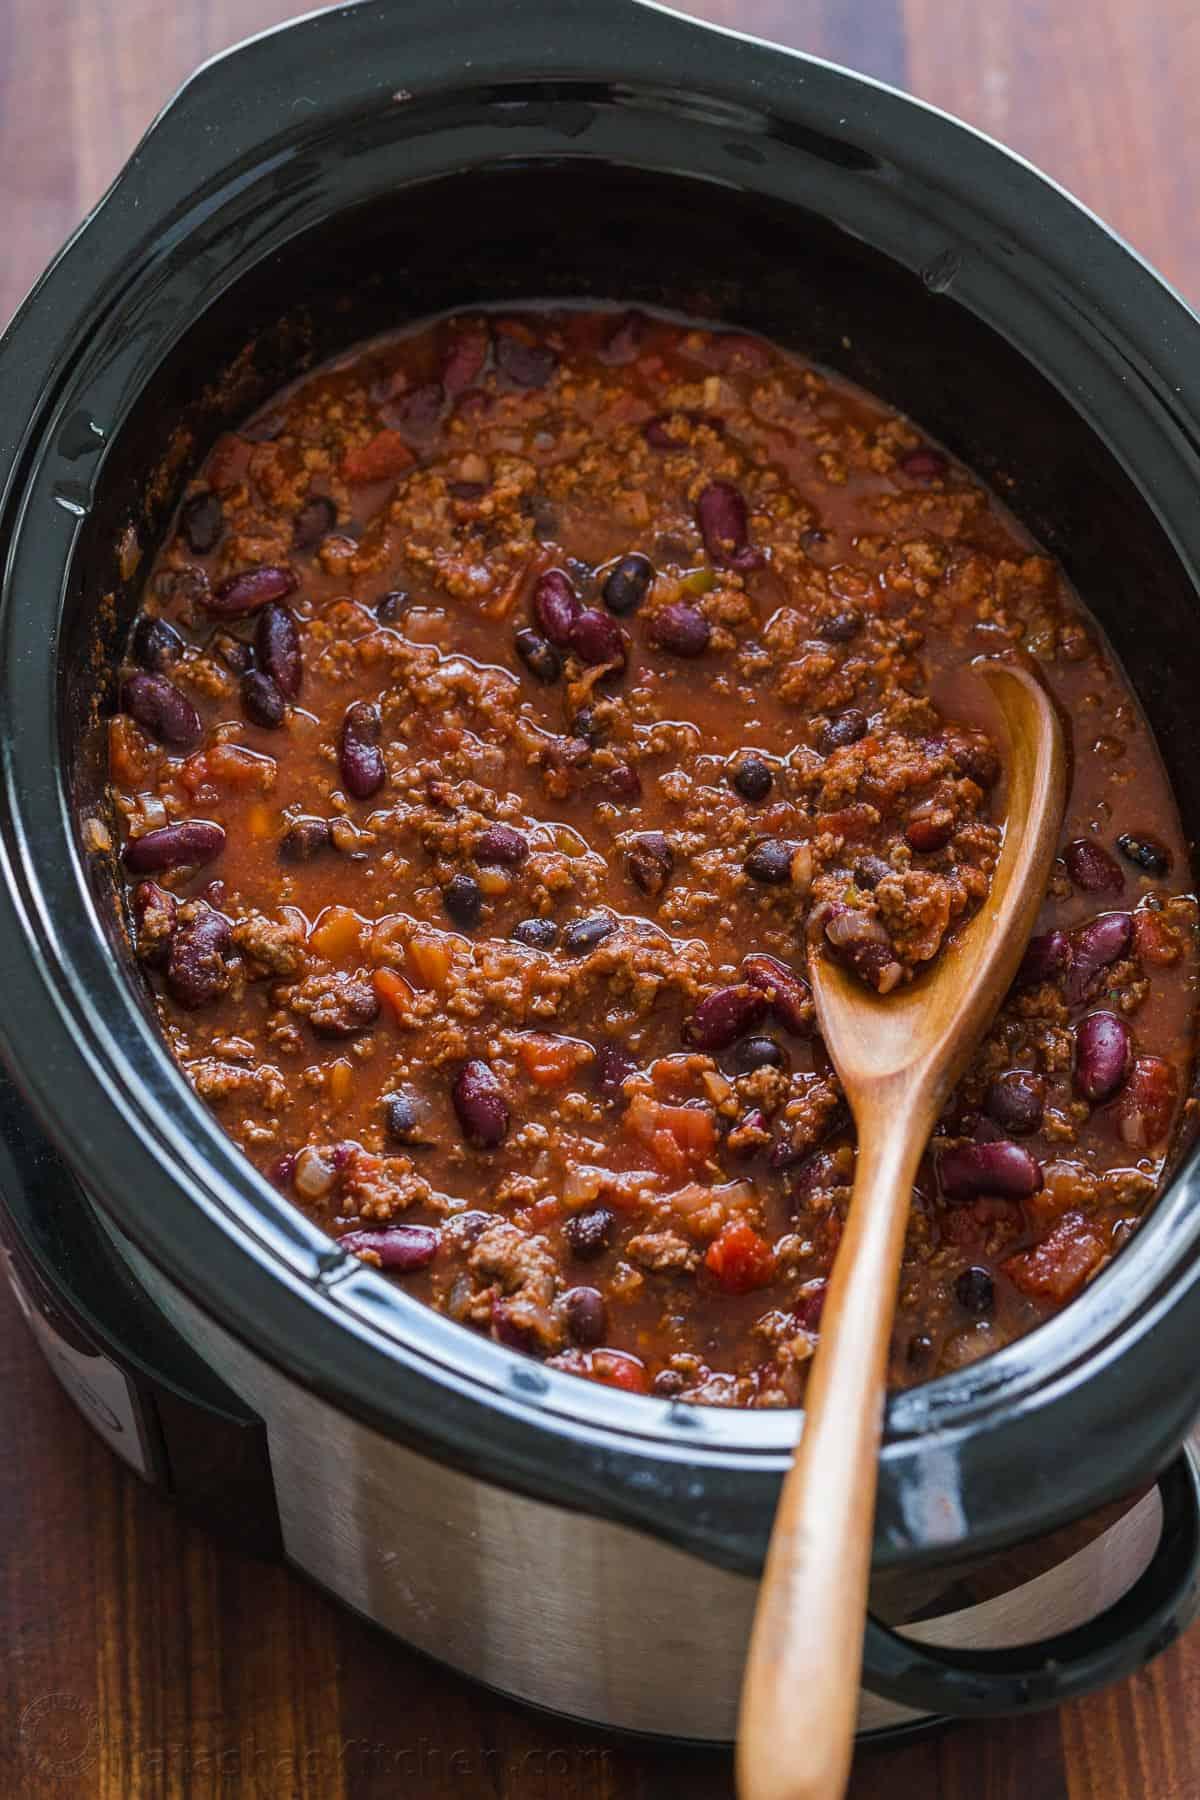 Spicy Chili Recipe Crock Pot